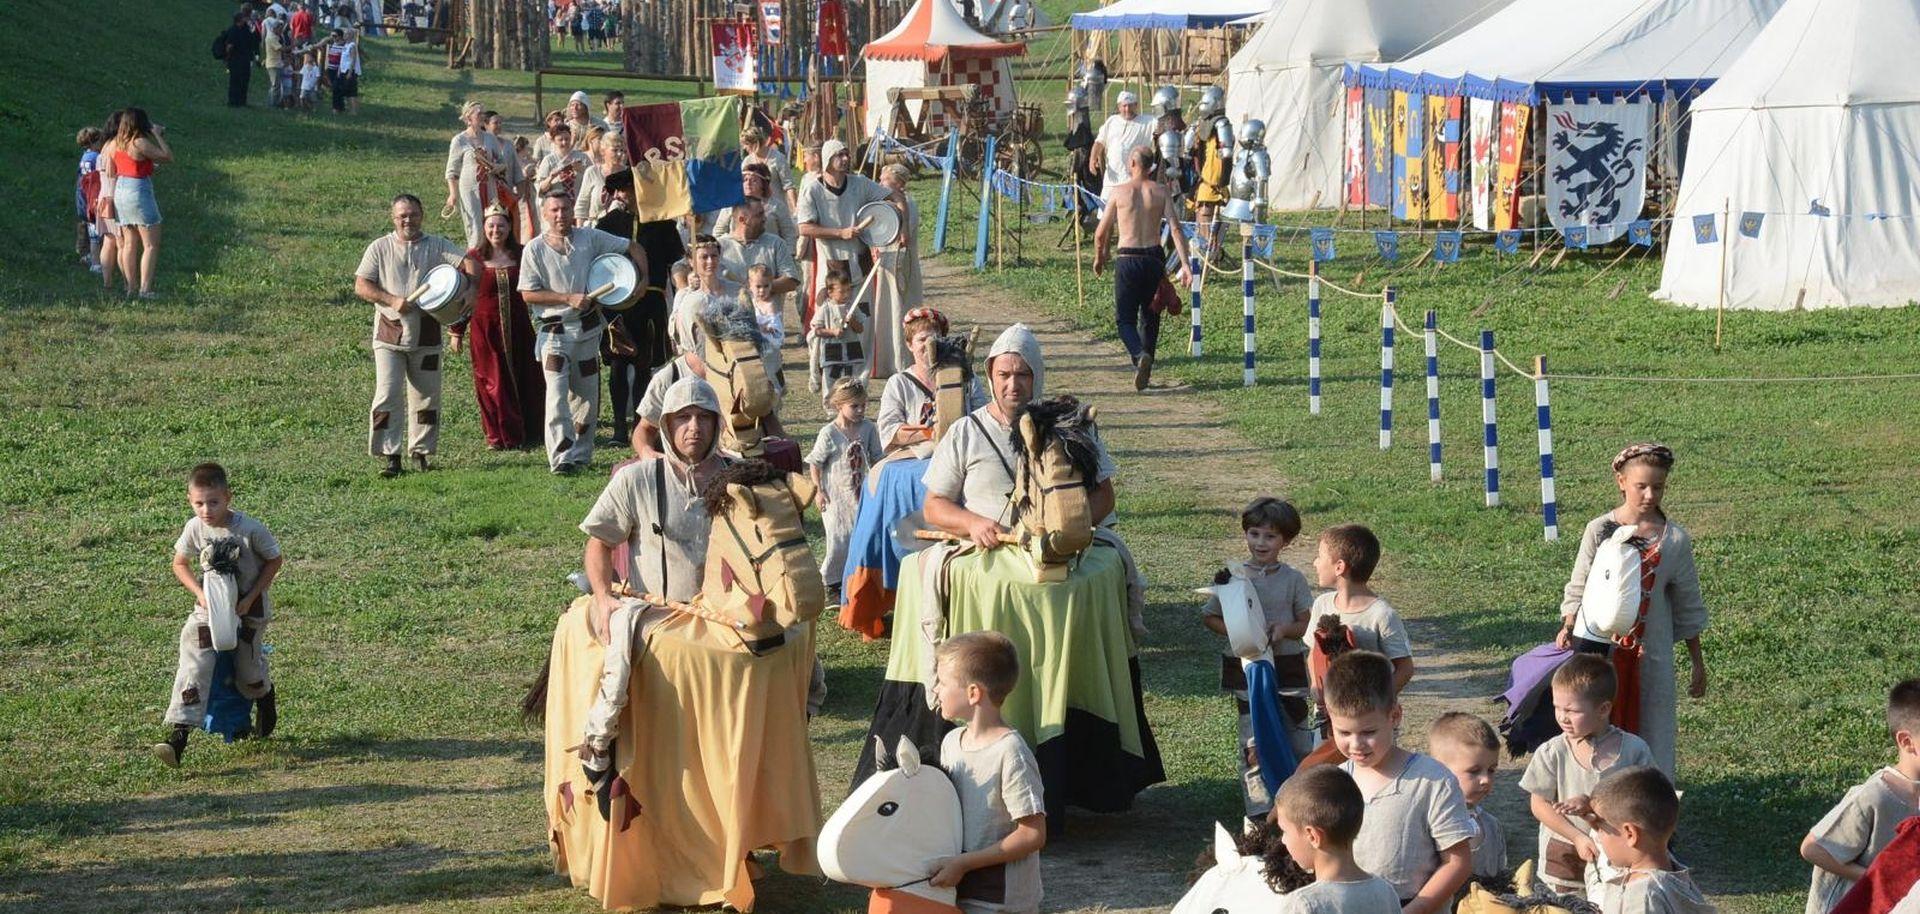 Vrhunac Renesansnog festivala u Koprivnici: Povorka povijesnih likova